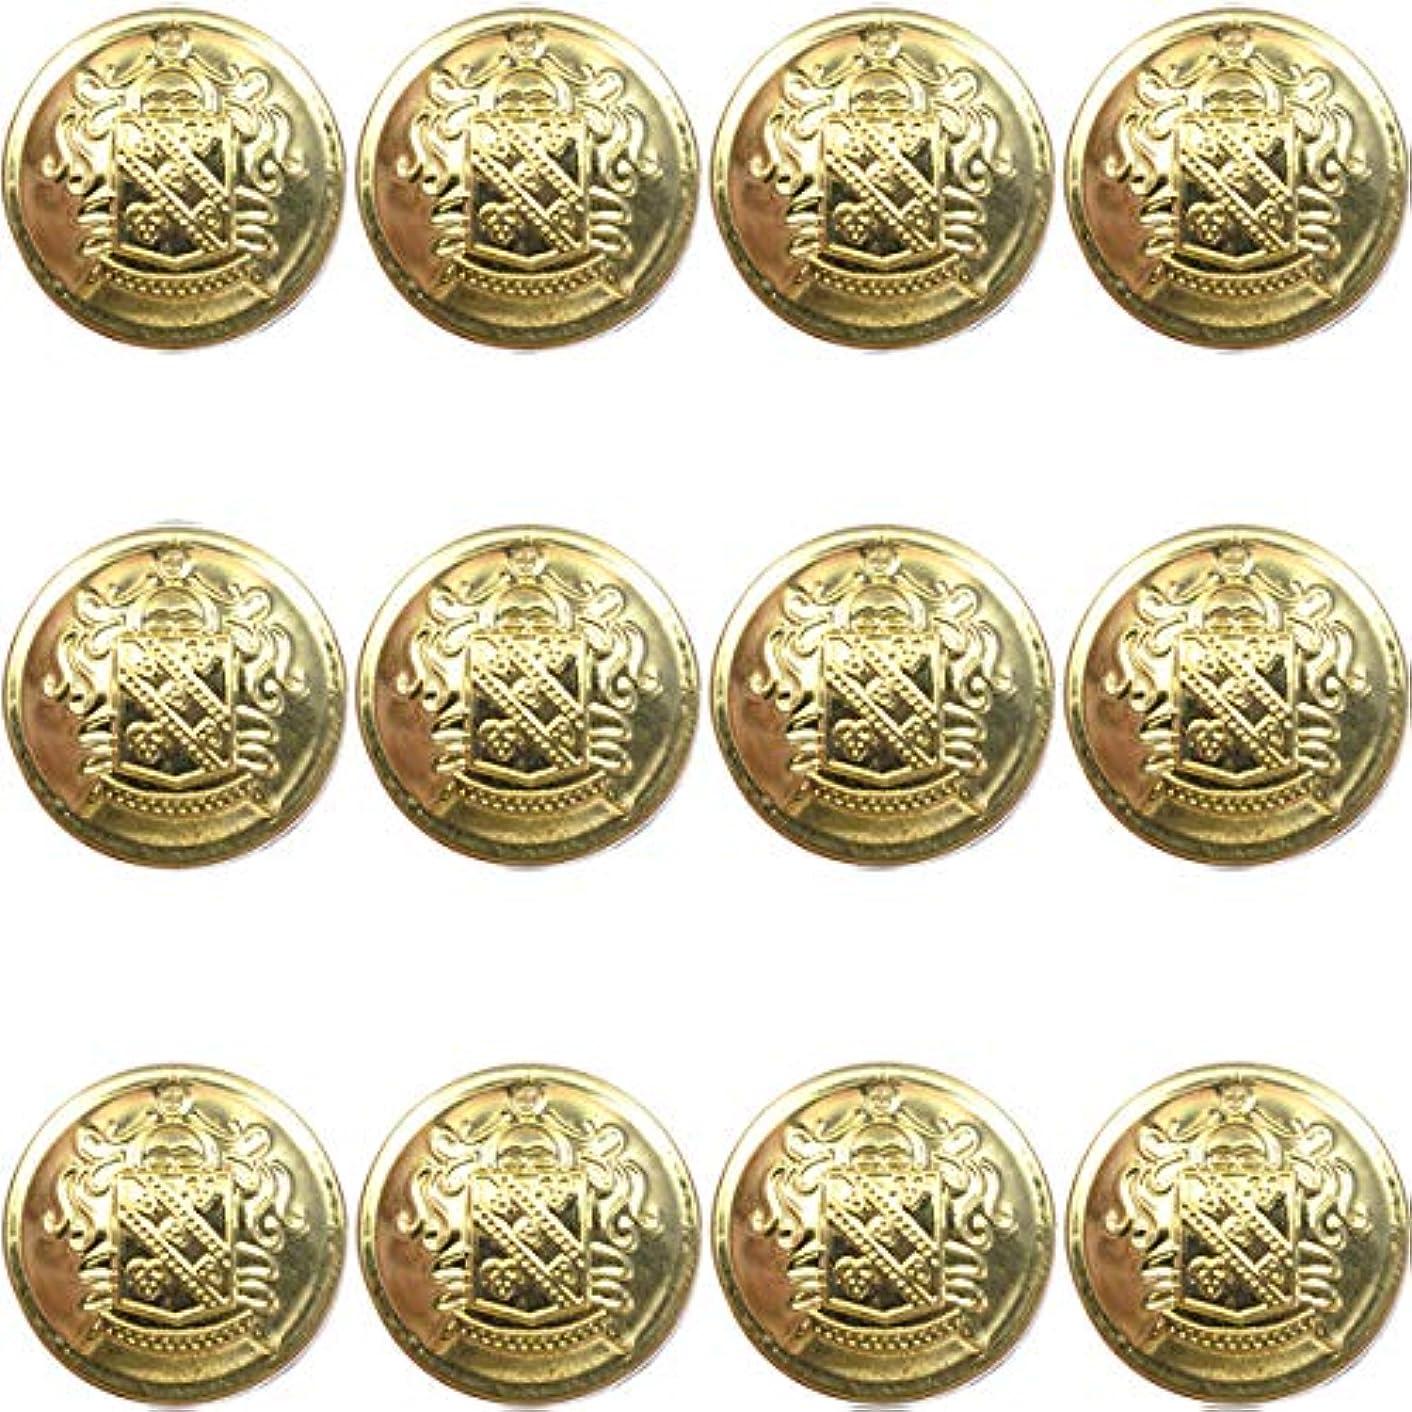 12 Piece Metal Blazer Button Set - for Blazer, Suits, Sport Coat, Uniform, Jacket 25mm (Gold)